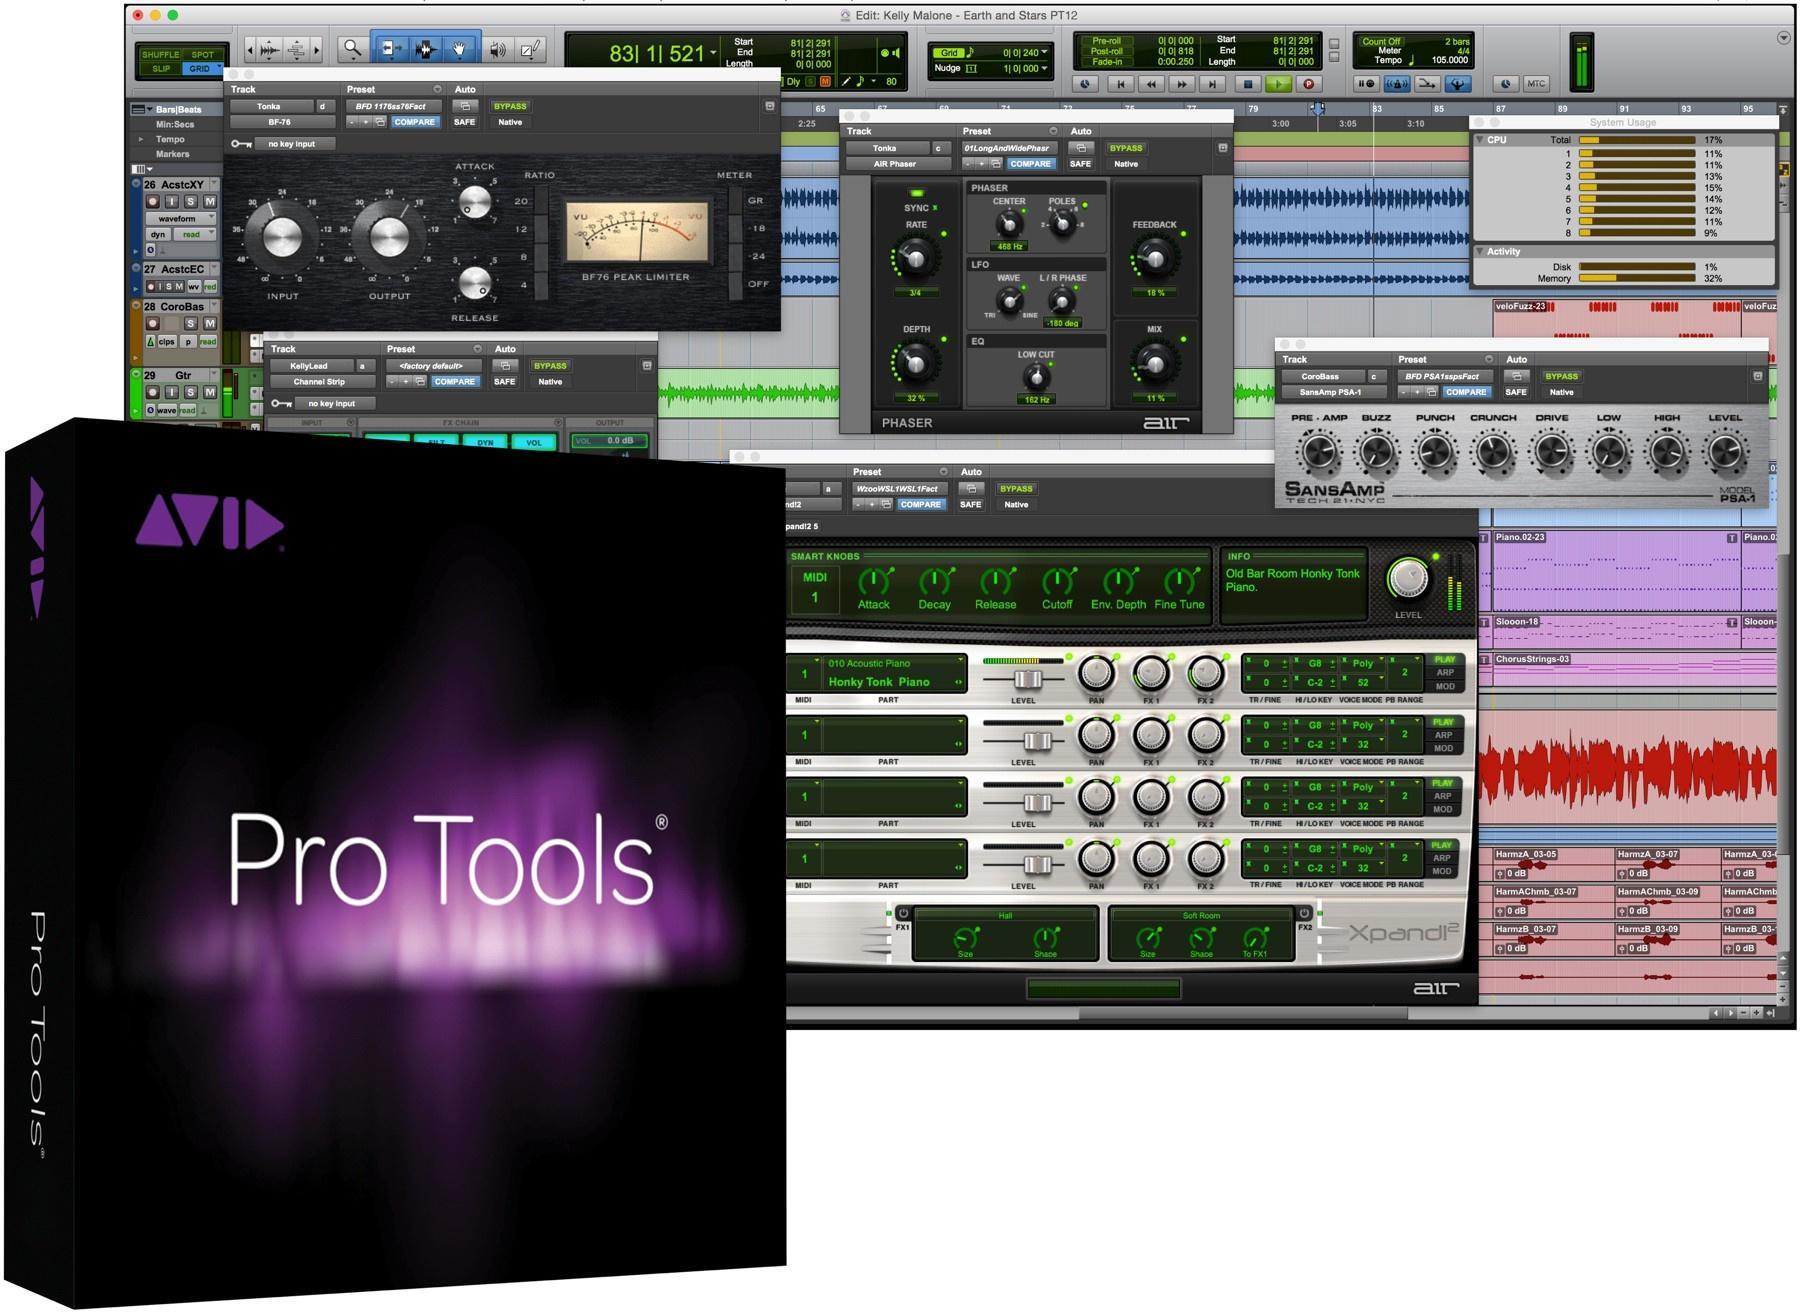 Wenig spektakulär war Avids Update auf Pro Tools 12 Jetzt hat der DAW Pionier nachgelegt und präsentiert Version 12 6 Darin enthalten sind neben